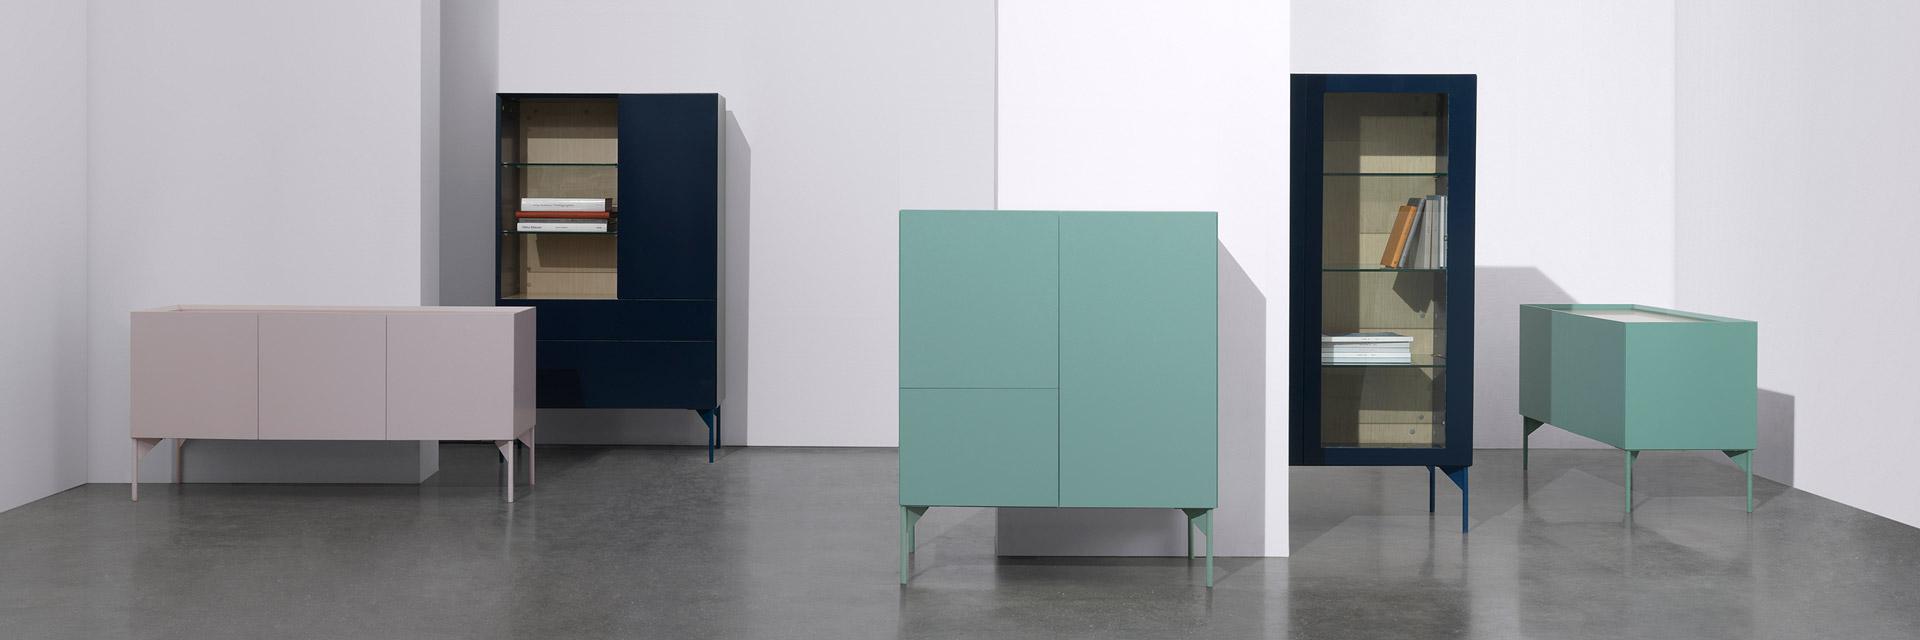 """Jonas Wagell""""丰盛的简约""""的设计语言,赋予造作当家柜体""""瓦格系列""""斯堪的纳维亚的现代格调,5态变化,4种百搭中性色,2种版本可选,让低调优美铺满全家。"""